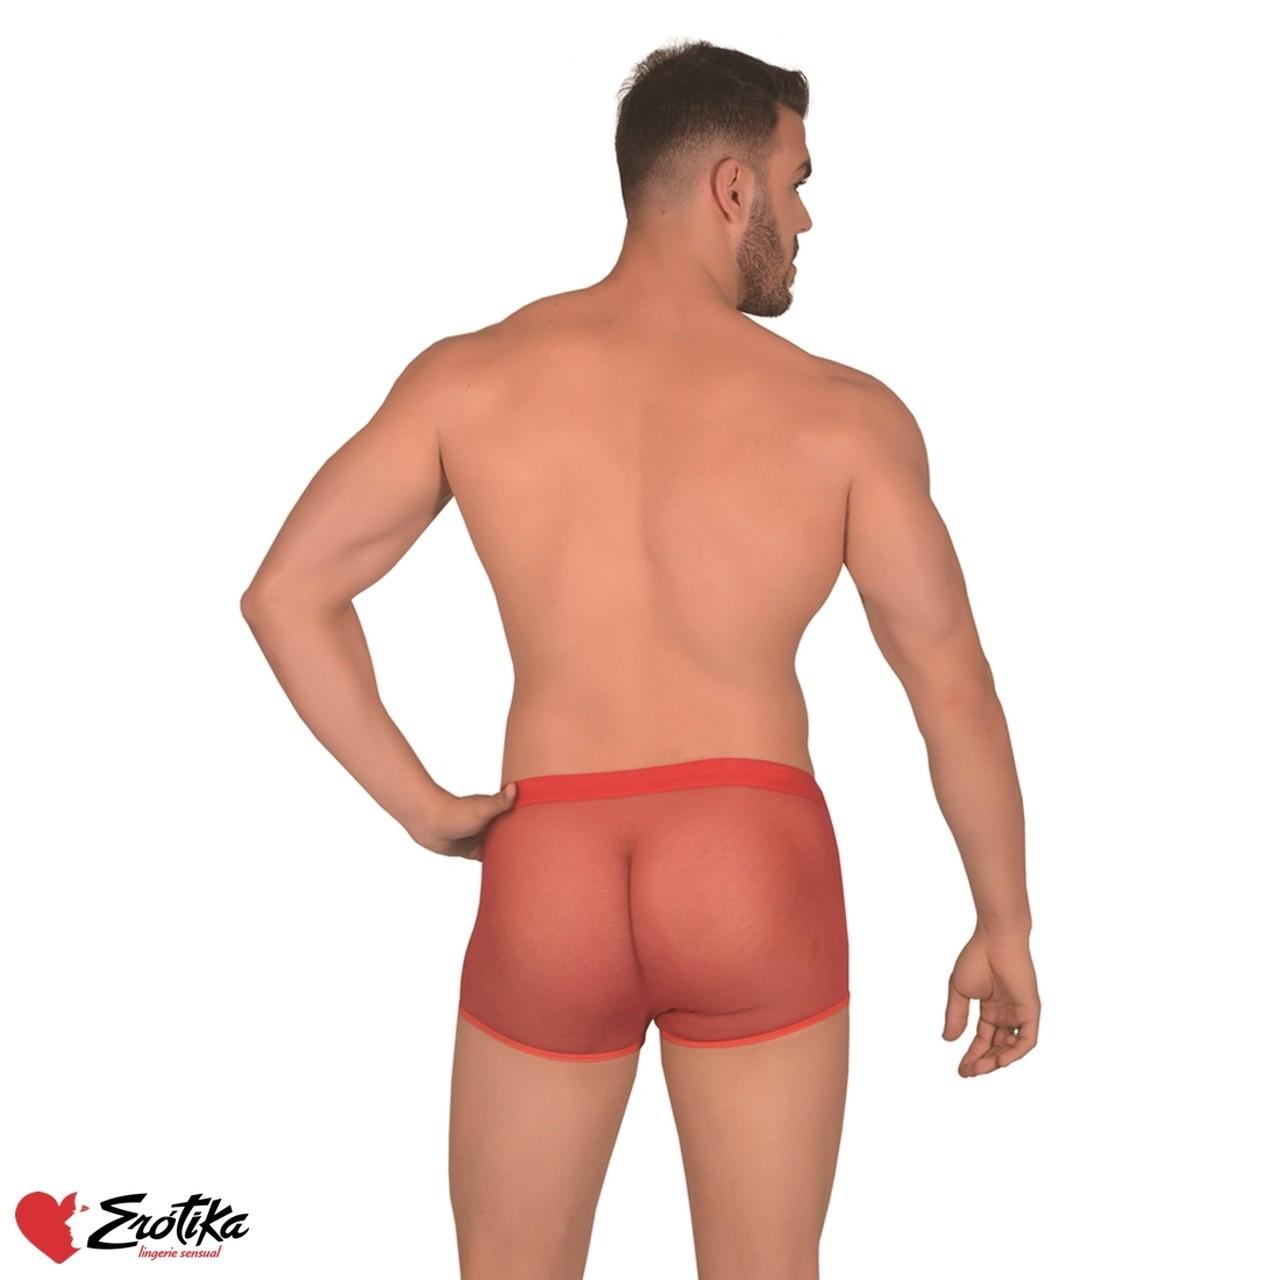 Cueca Boxer Transparente Branca - Erótika